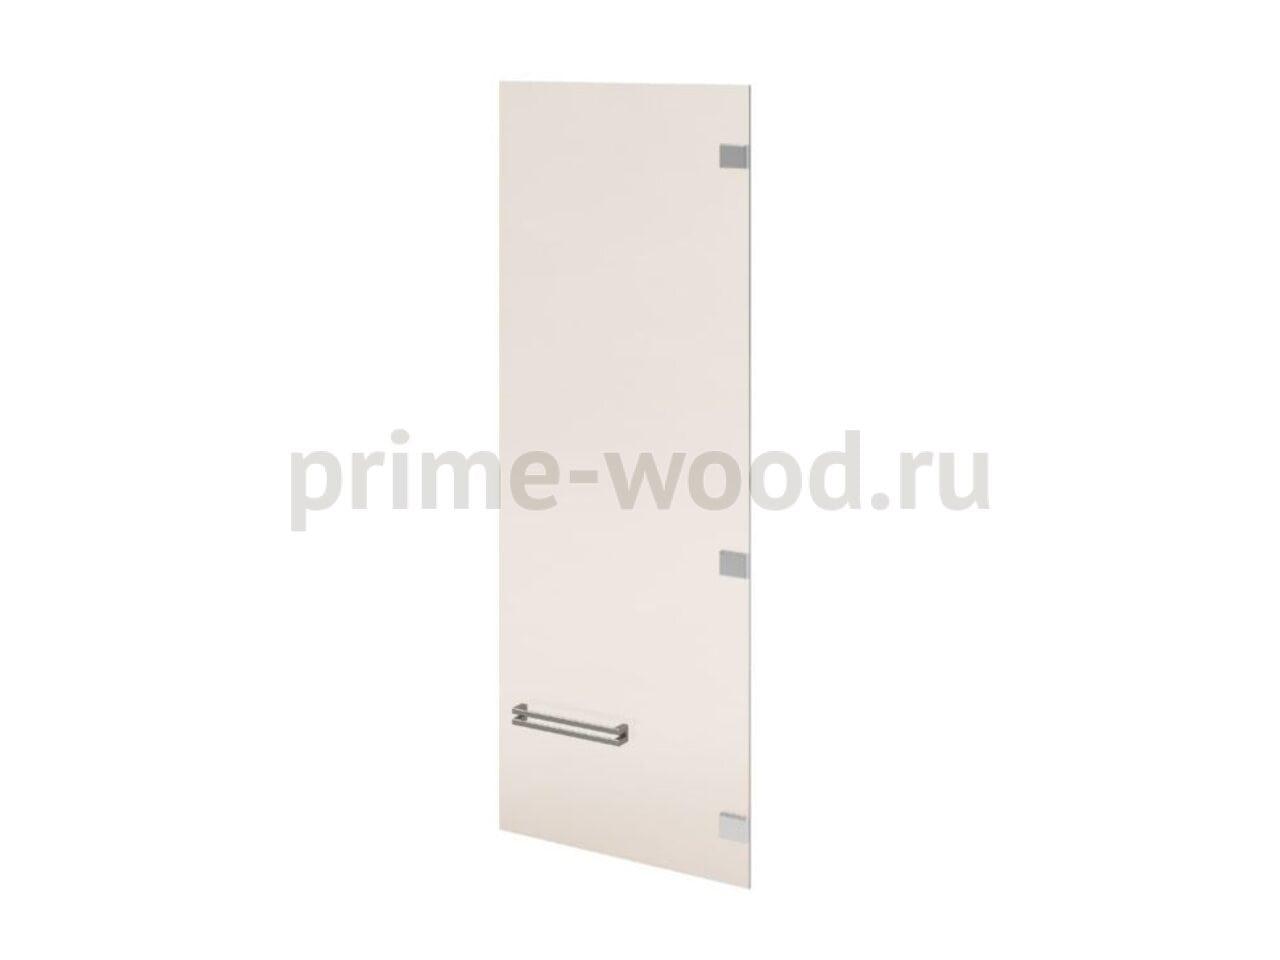 Дверь средяя стеклянная  Solution  - фото 1